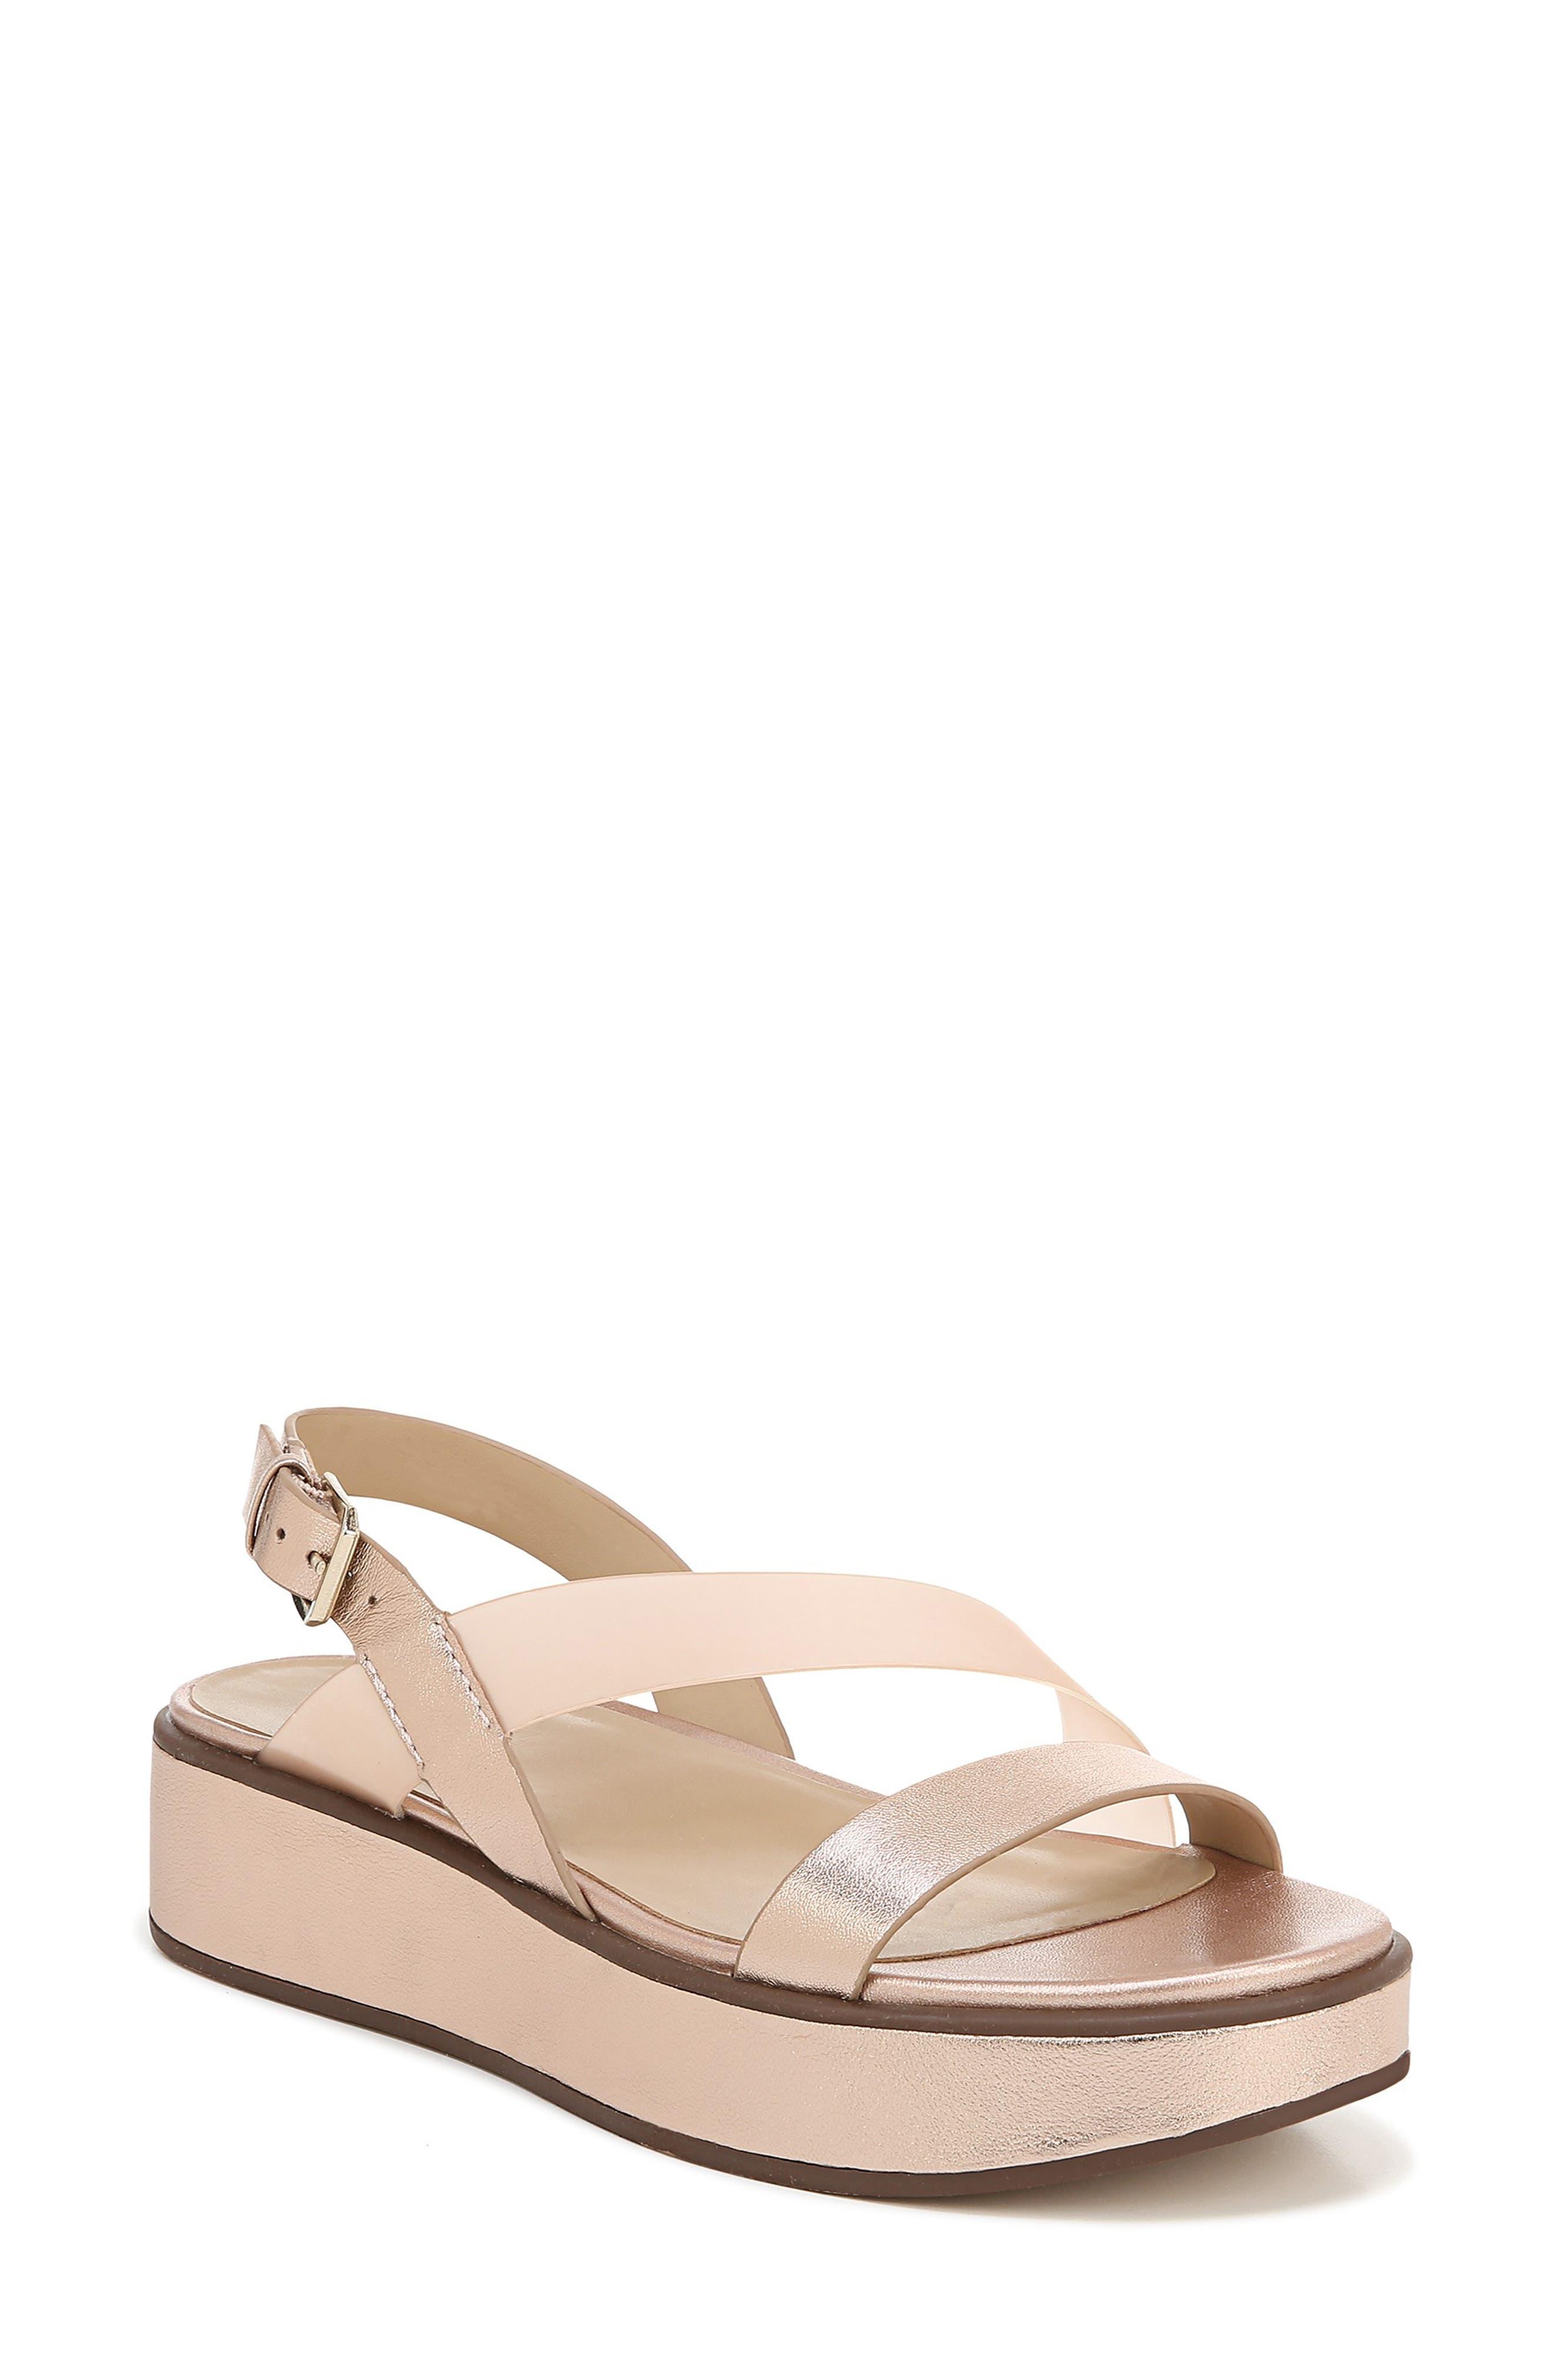 Naturalizer Charlize Platform Sandal, Pink